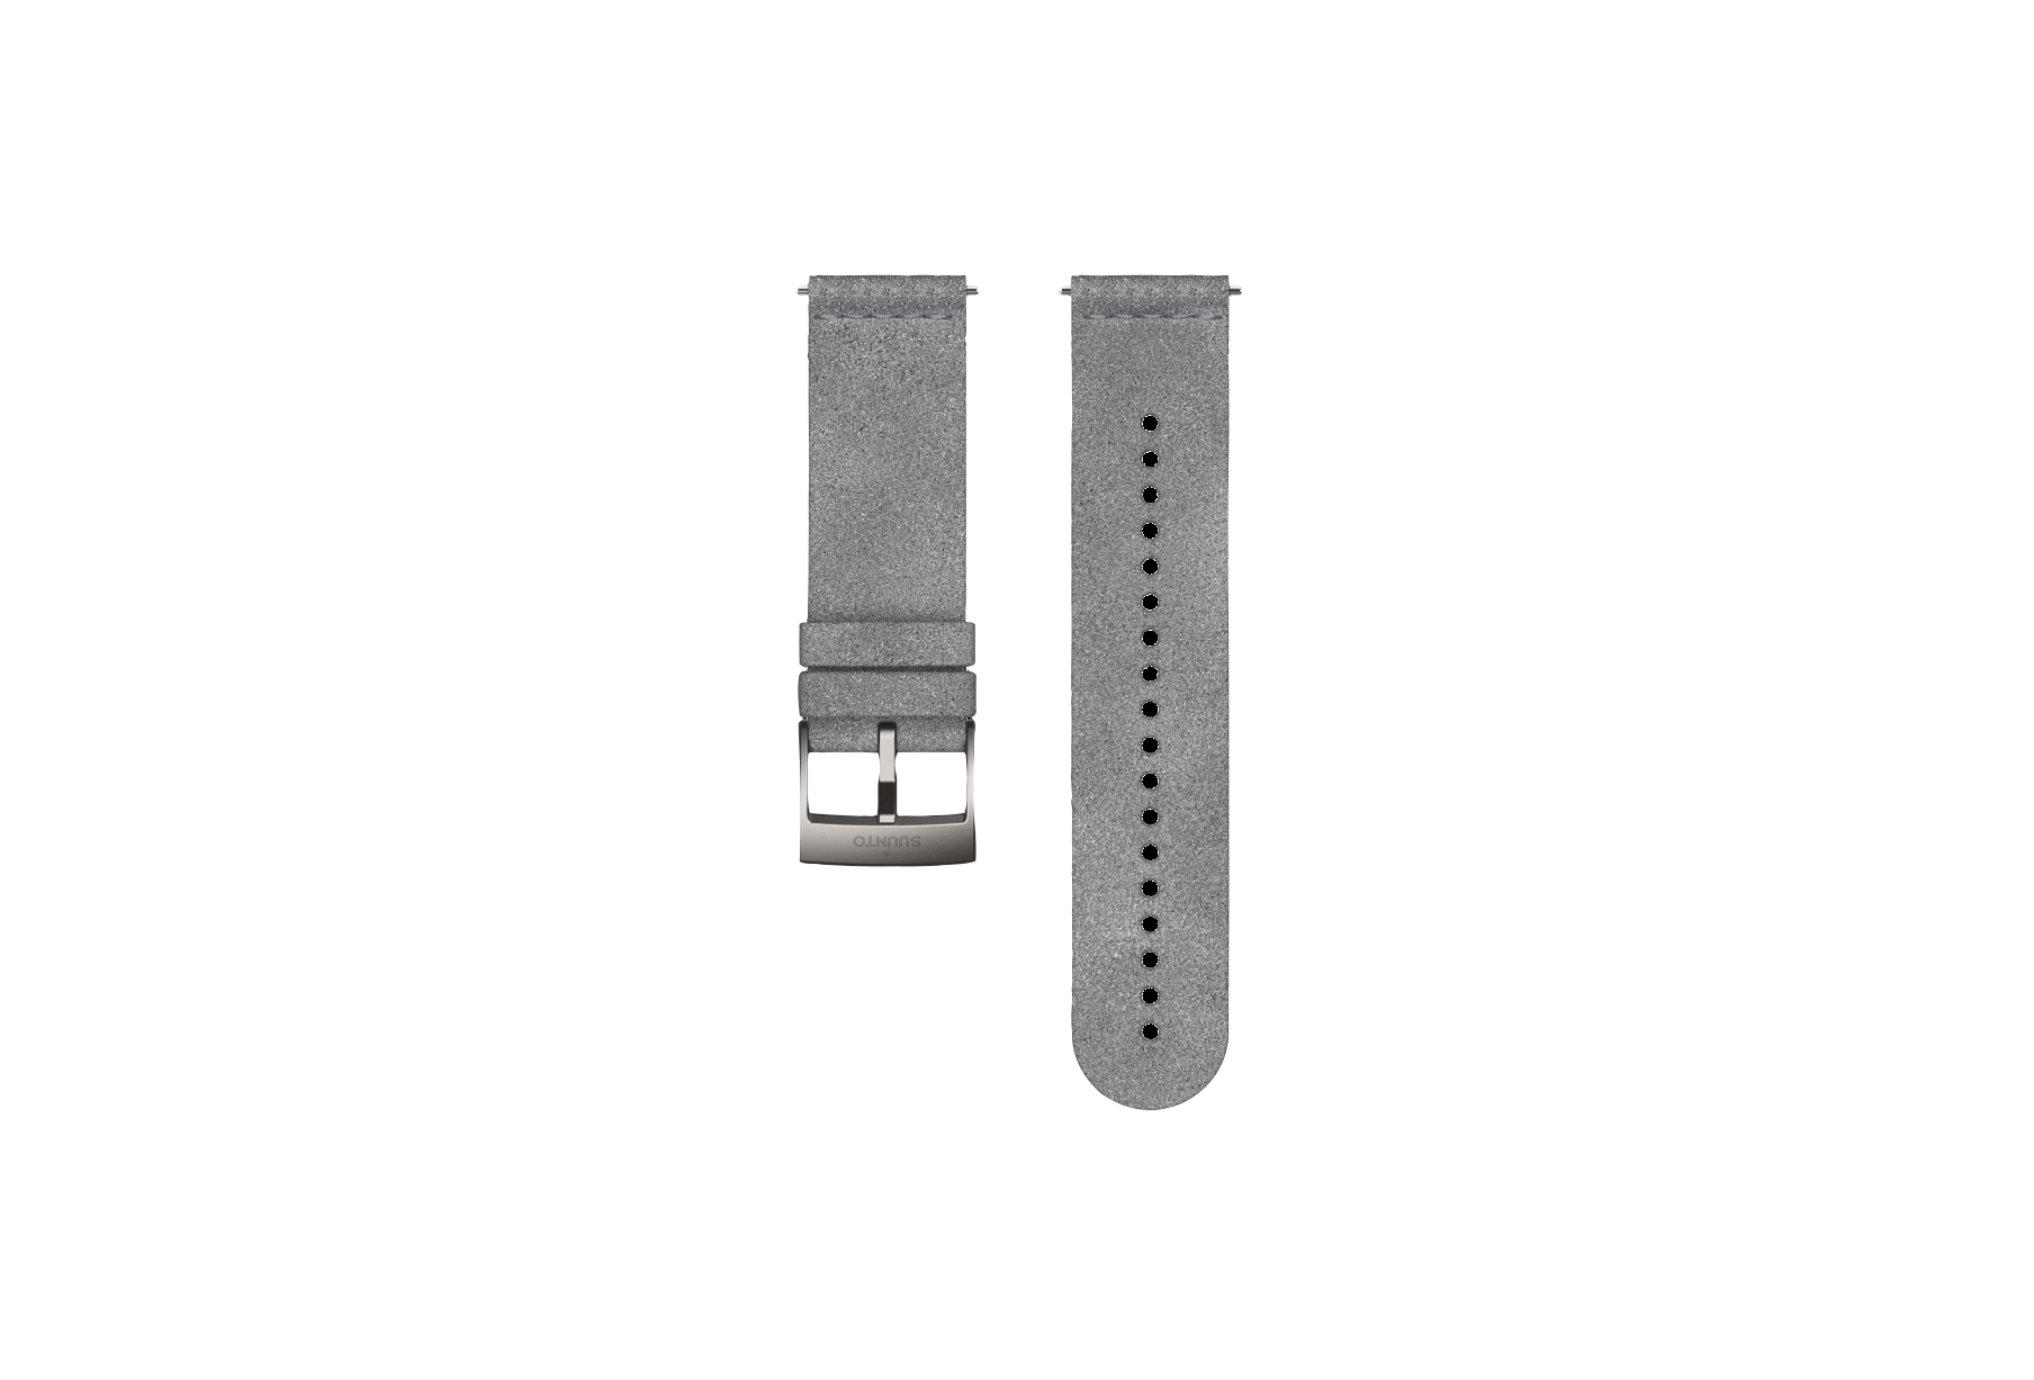 Suunto Bracelet en microfibre - 24 mm M Accessoires montres/ Bracelets